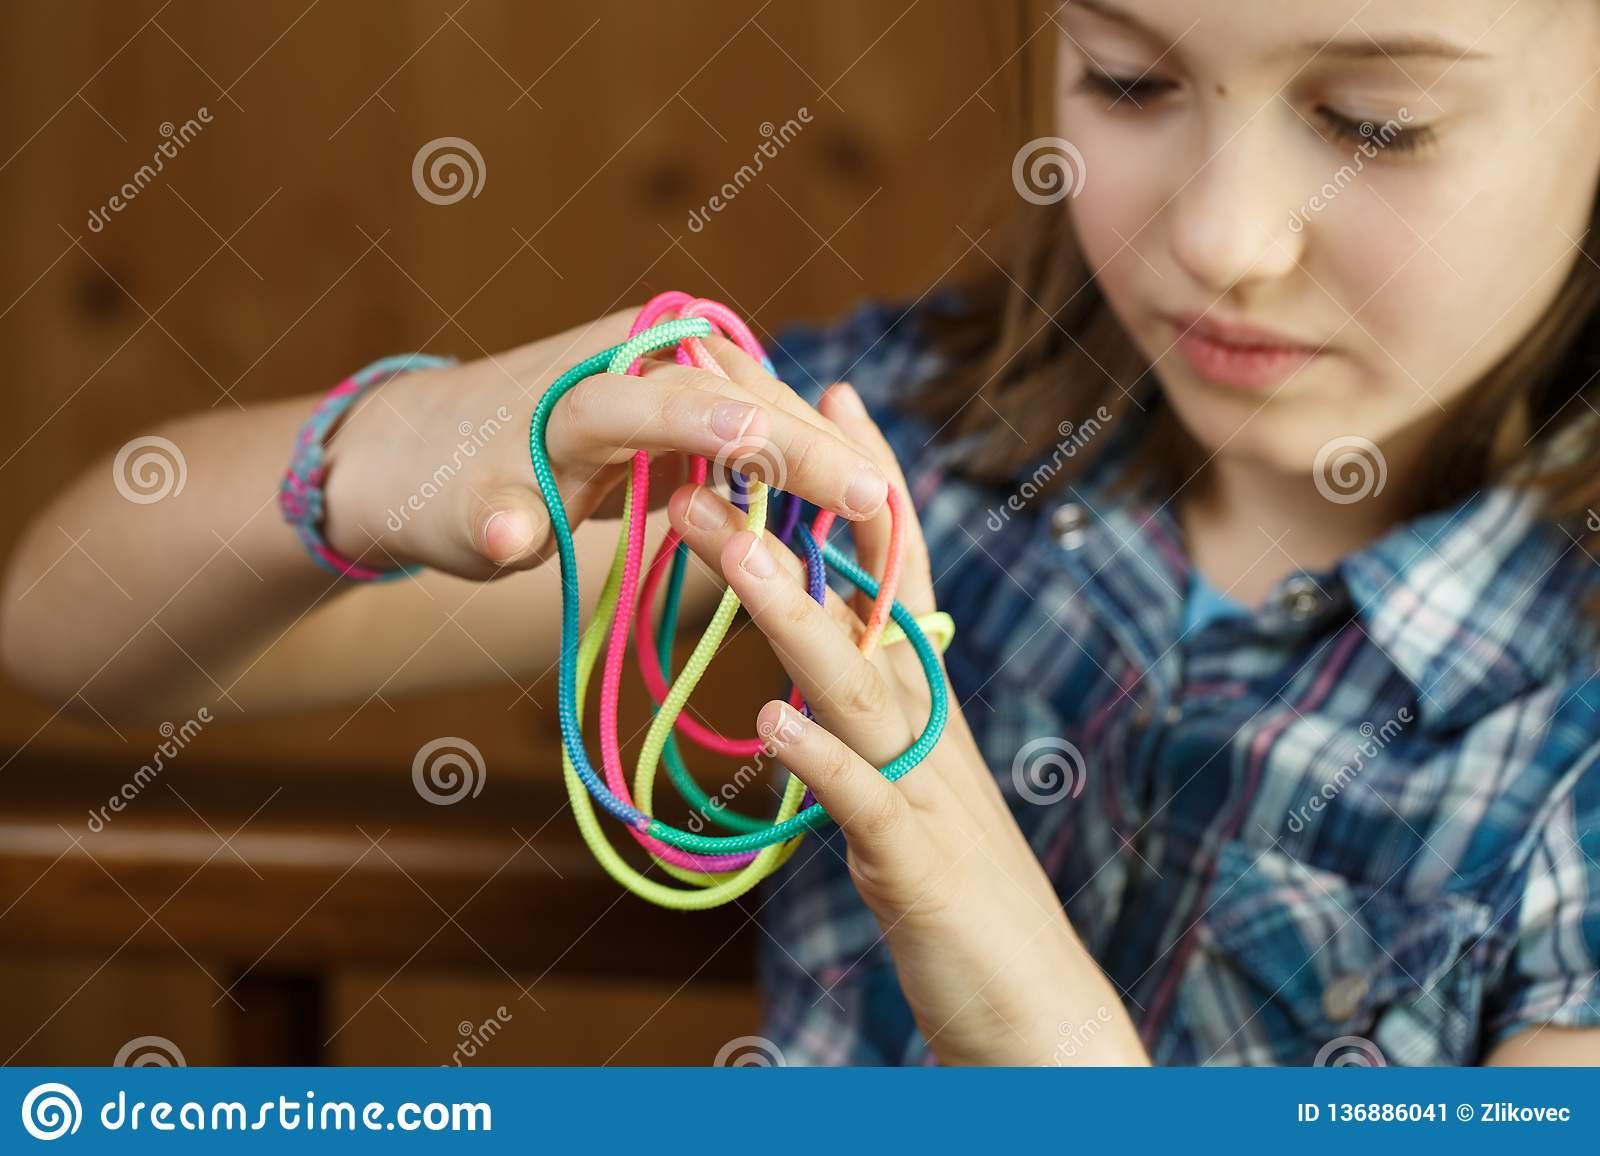 Fille Jouant Le Jeu Classique De Ficelle, Créant Des Formes avec Jeux De Intelligence De Fille